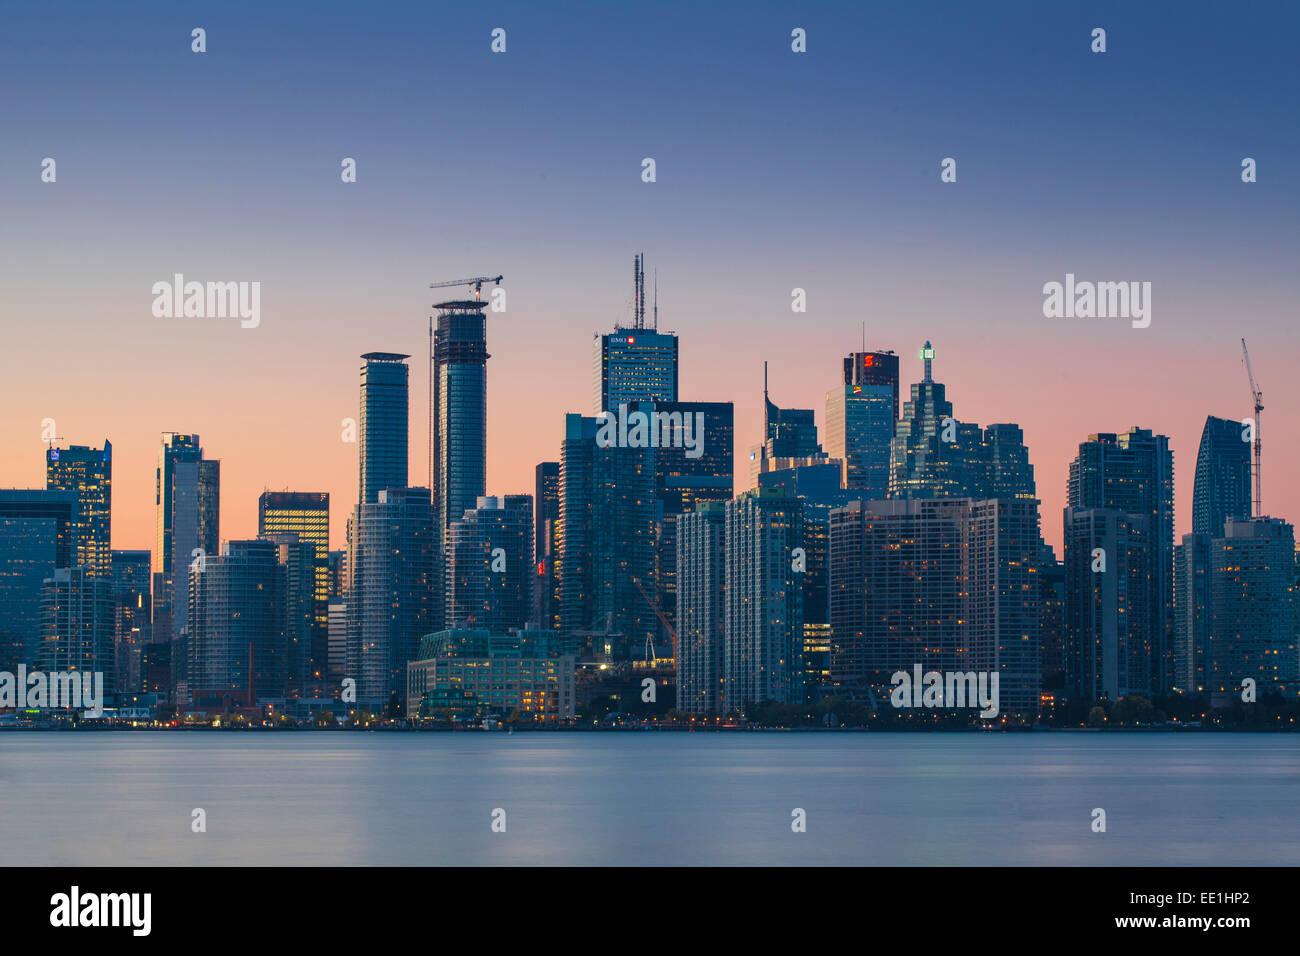 Vue sur la ville, Toronto, Ontario, Canada, Amérique du Nord Banque D'Images